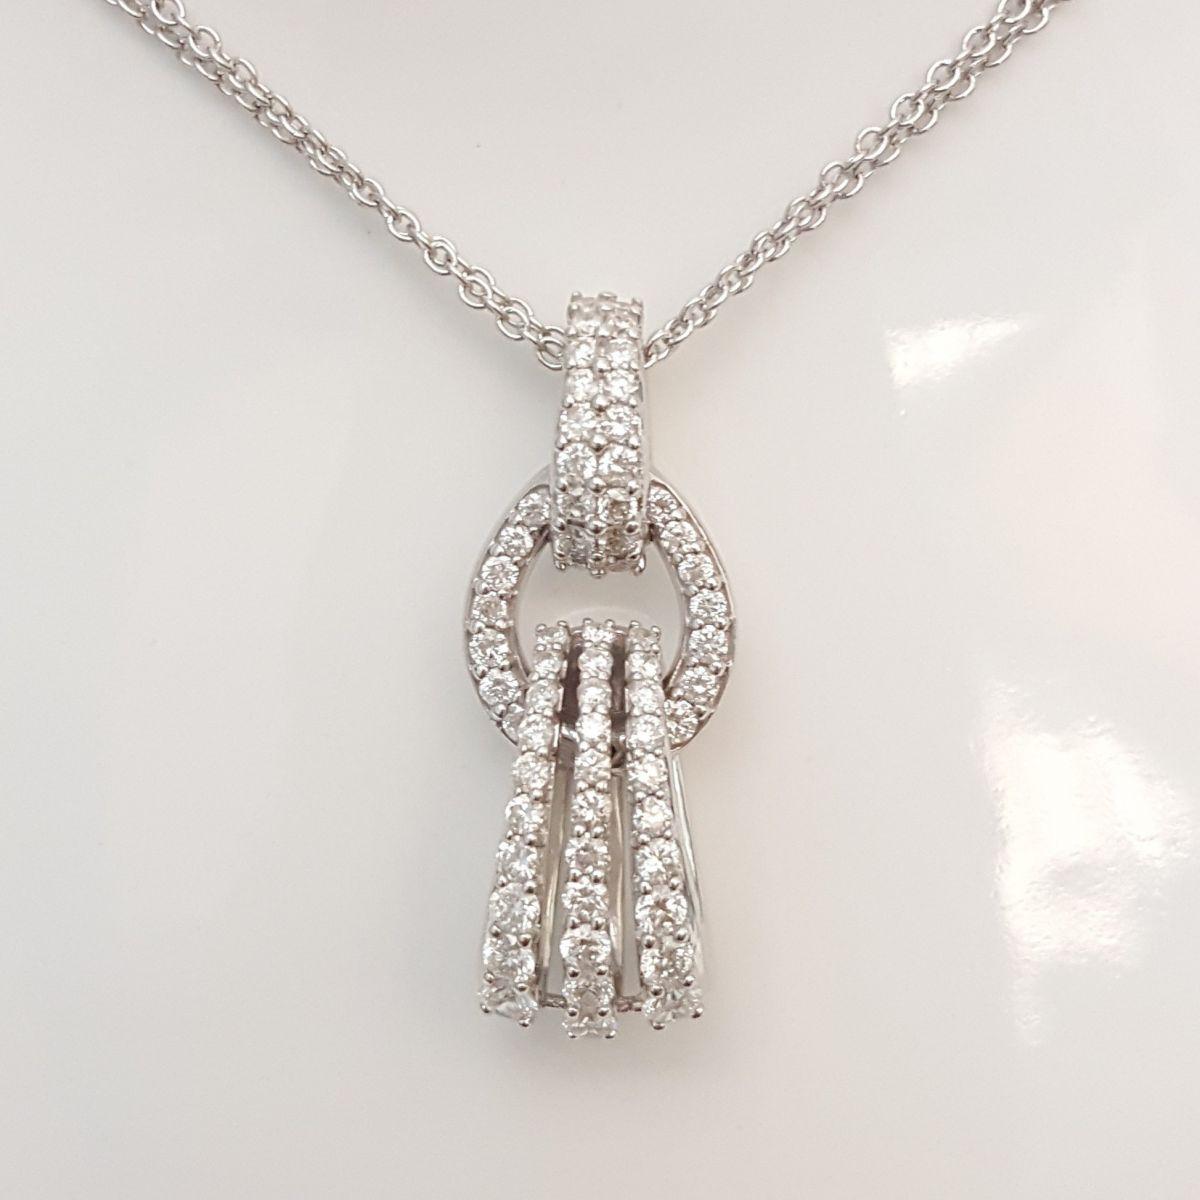 Collana Davite & Delucchi CLN010470 05 in Oro Bianco con Diamanti